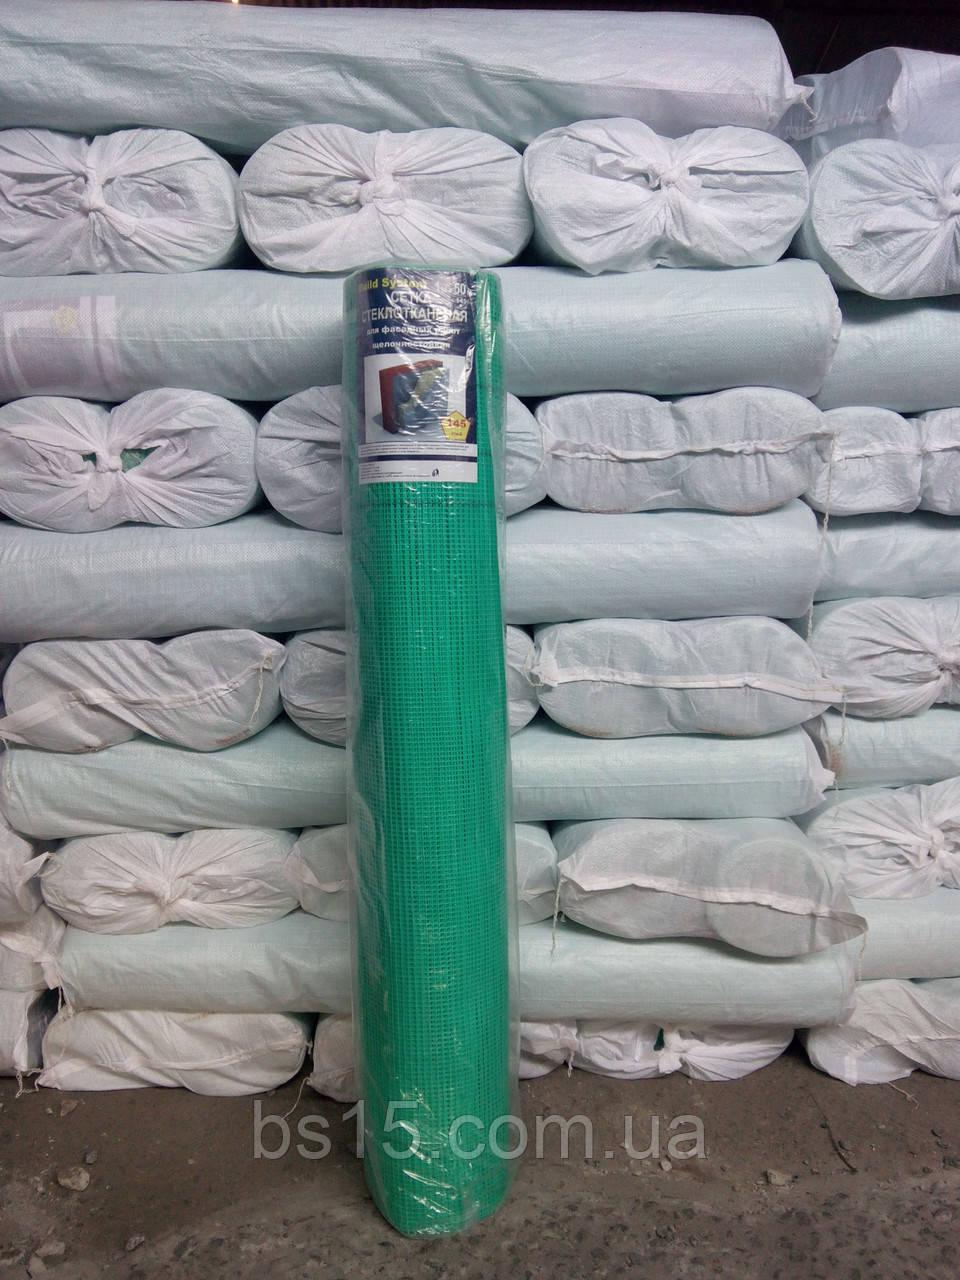 Сетка фасадная 145 г/м2  зеленая доставка по Украине, фото 1